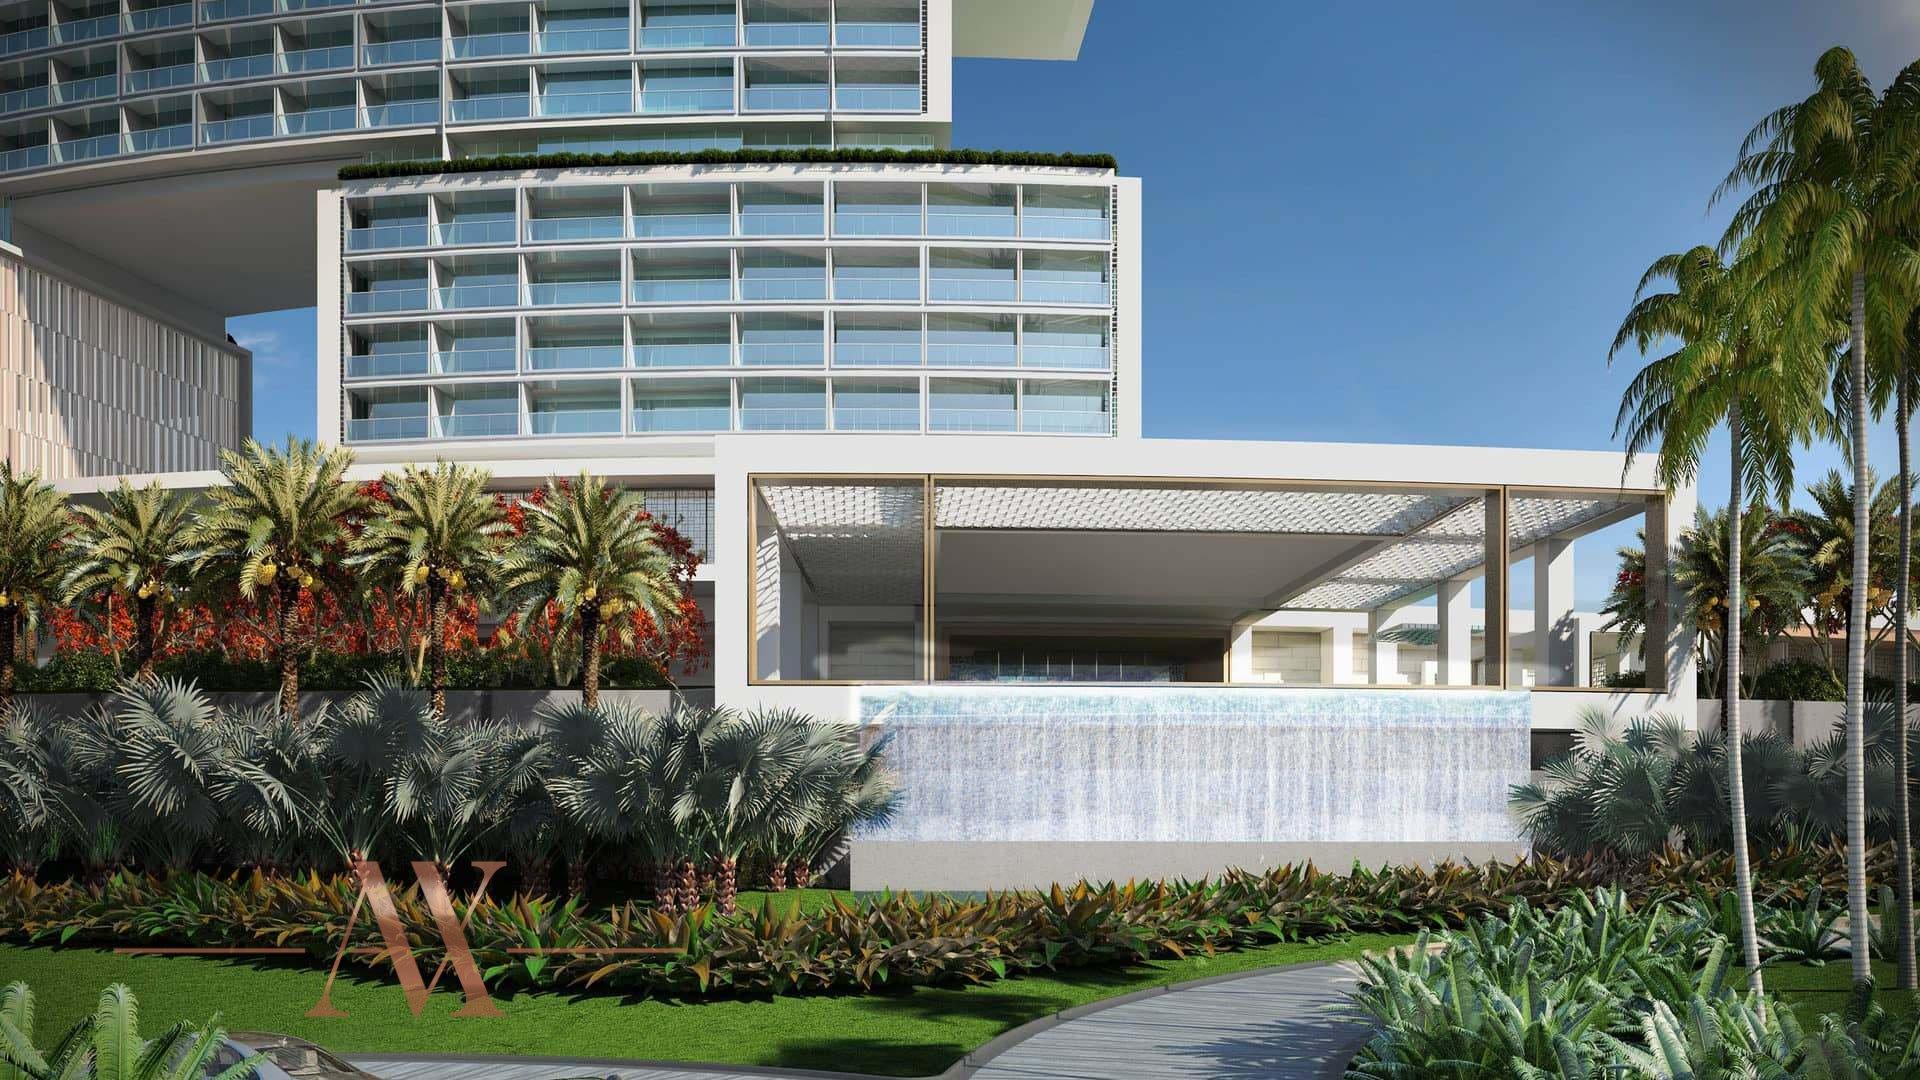 ROYAL ATLANTIS RESORT & RESIDENCES, Palm Jumeirah, Dubai, UAE – photo 11